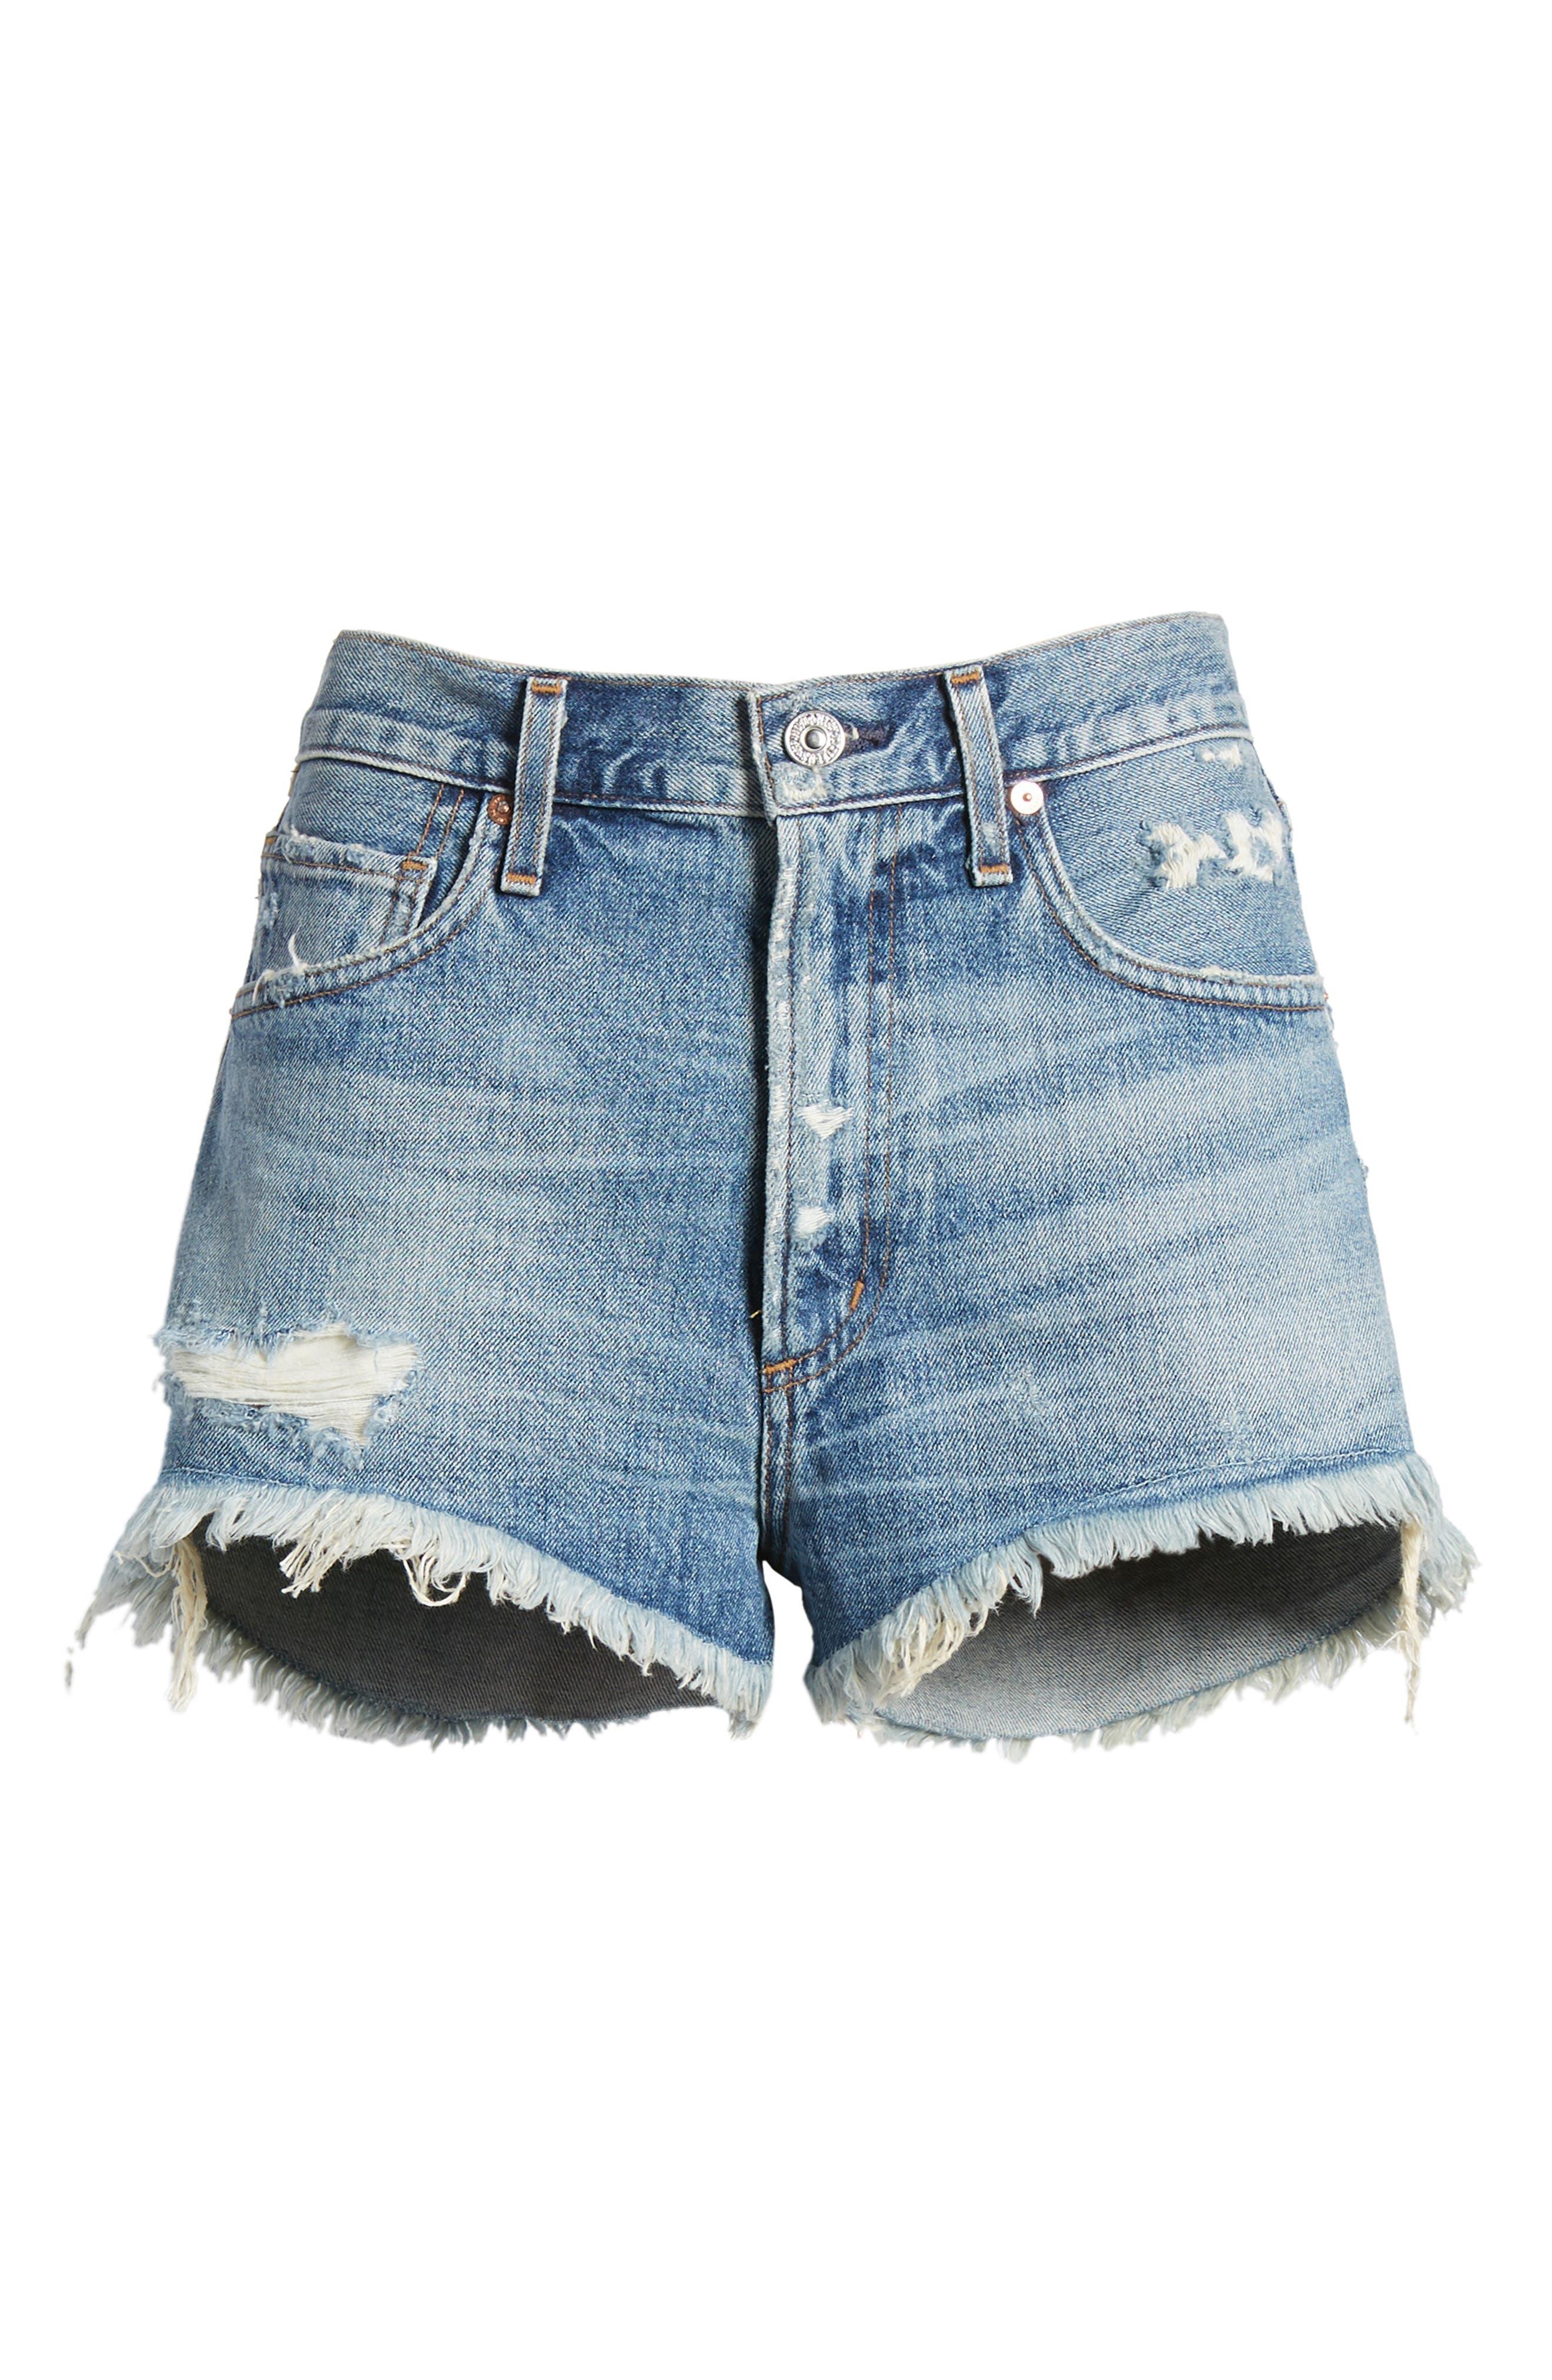 Danielle High Waist Cutoff Shorts,                             Alternate thumbnail 7, color,